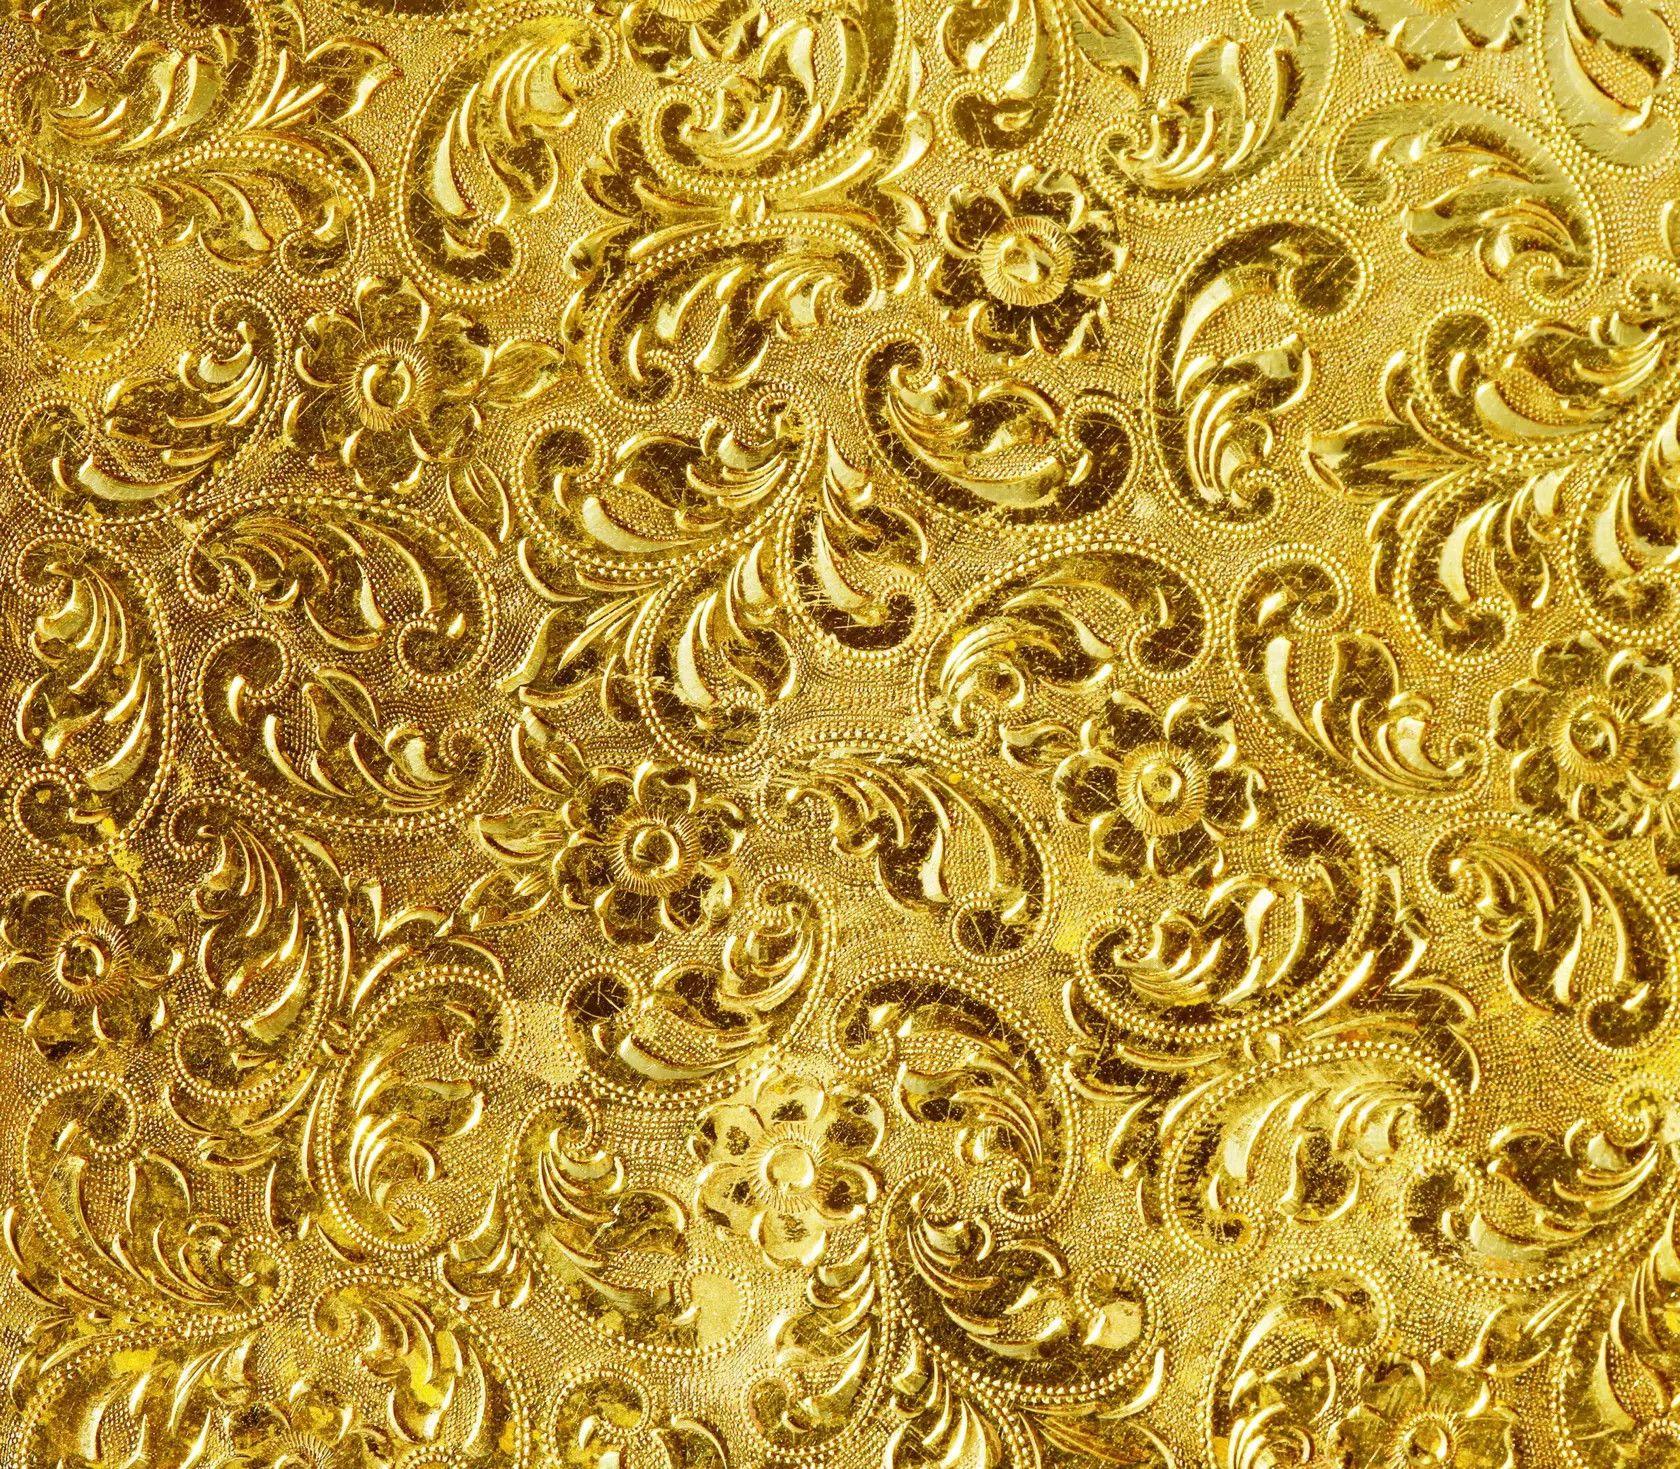 Золотая бумага для открыток, синичкой ветке